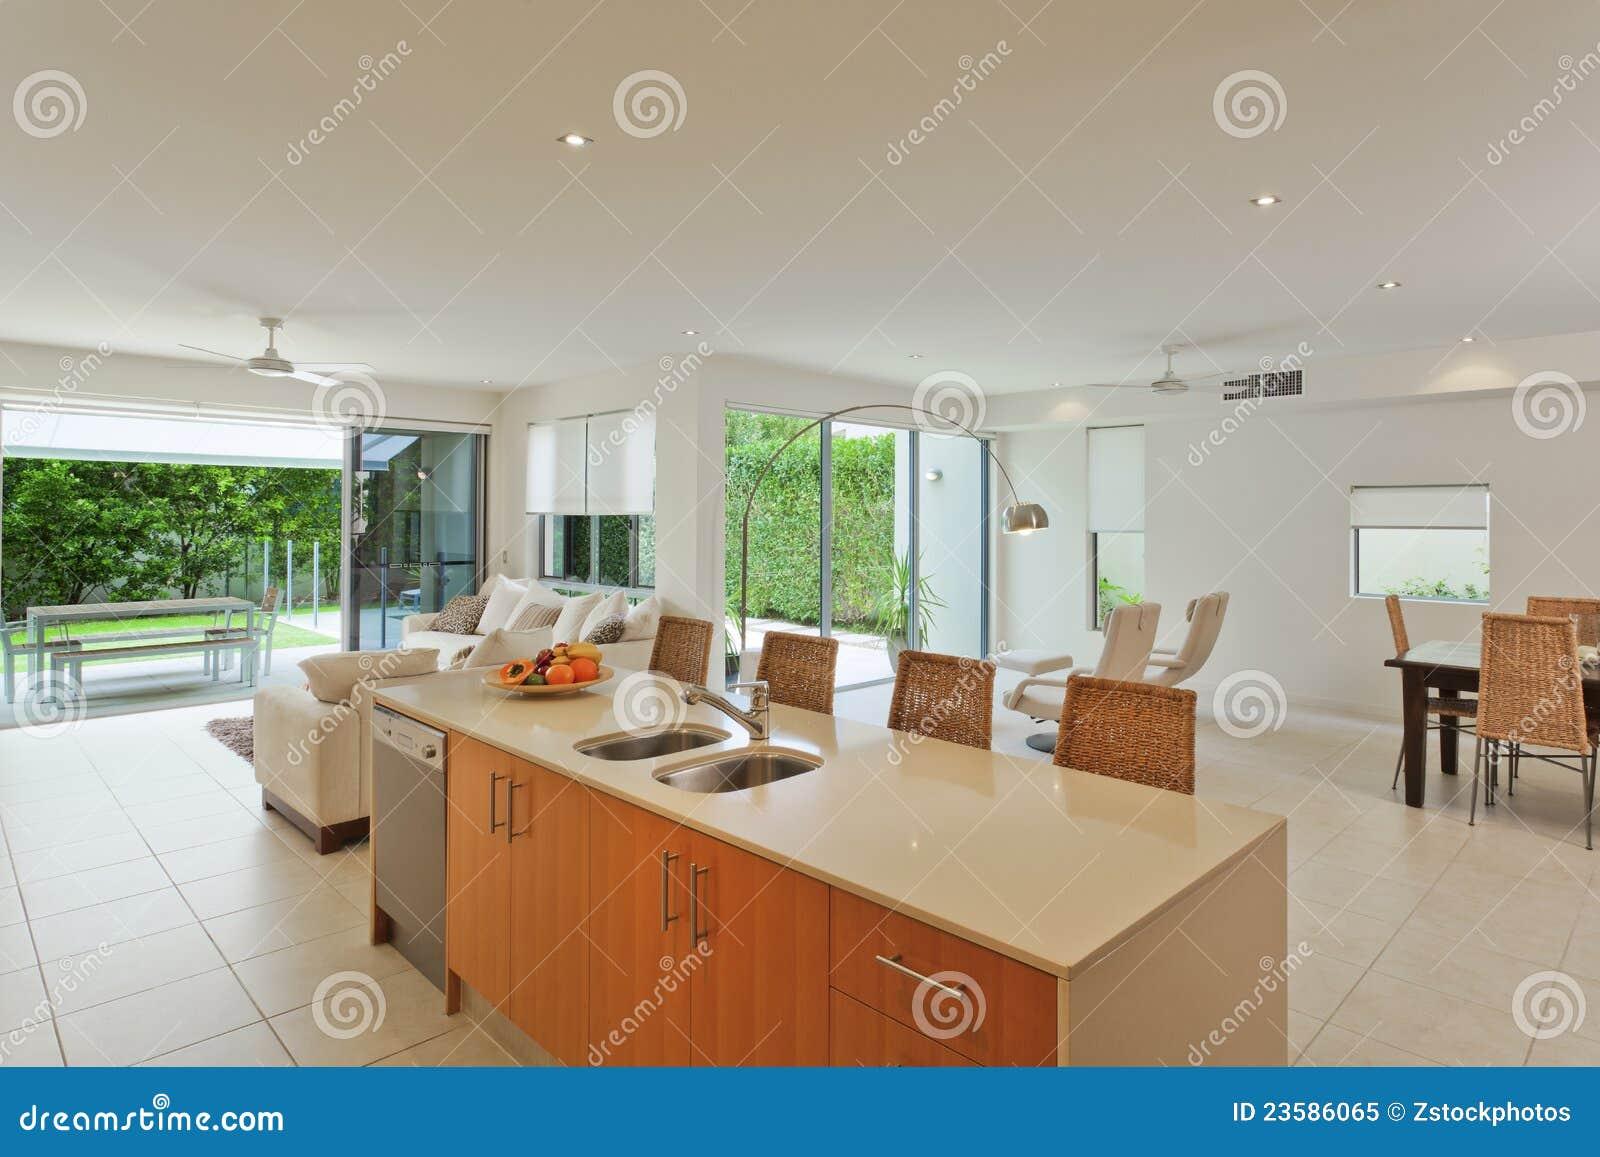 Cocina y sala de estar lujosas foto de archivo libre de for Cocina abierta sala de estar